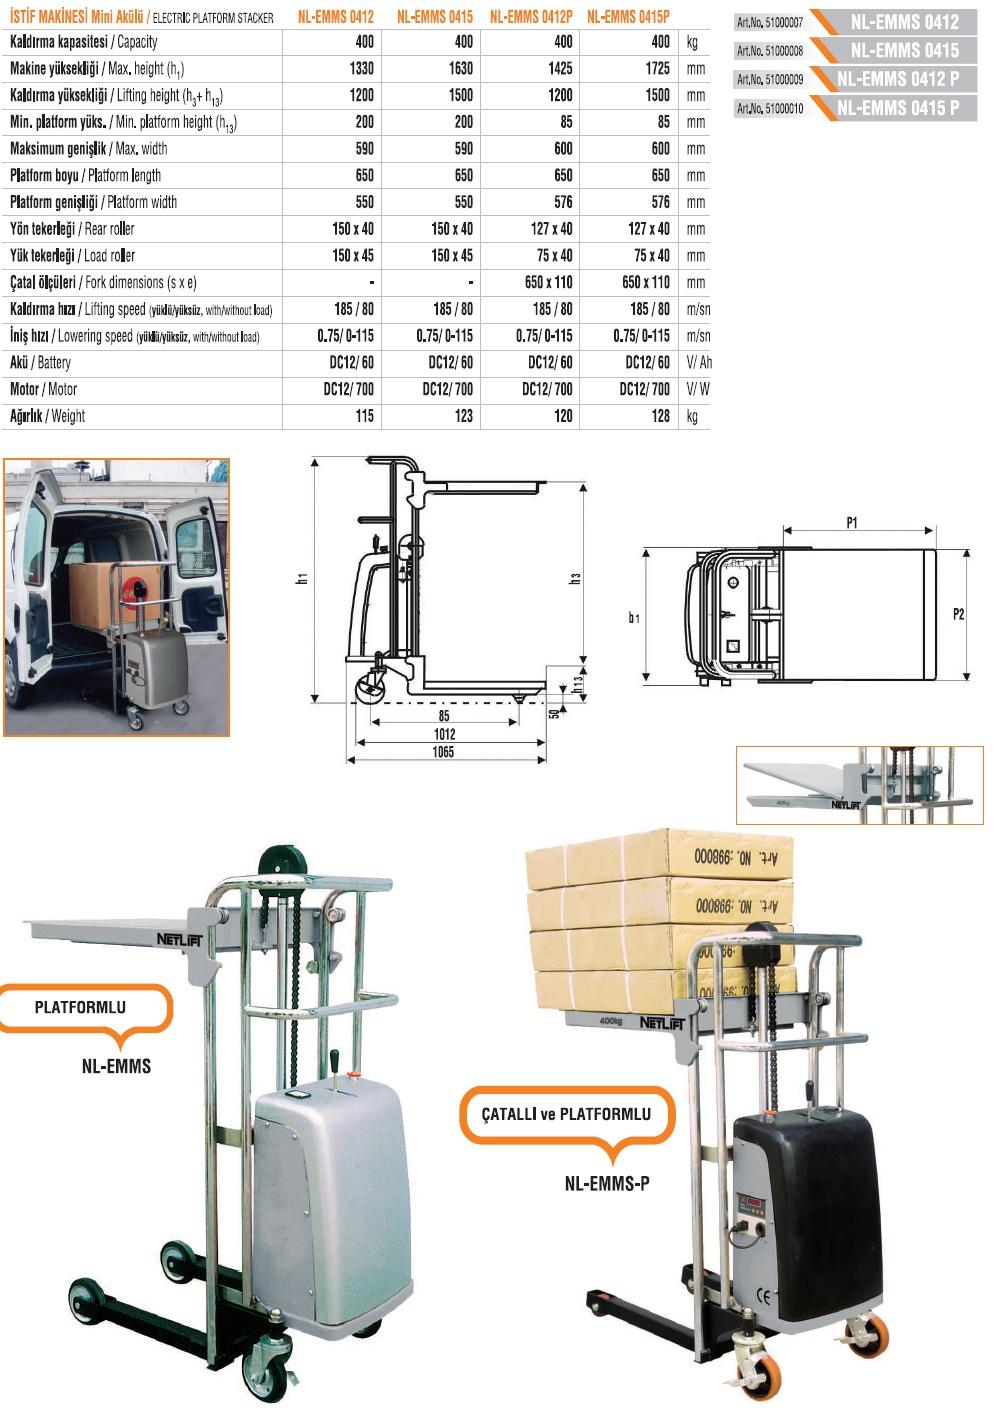 NL-EMMS 0415 mini akülü istif makinesi , mini istif makinesi , platformlu istif makinesi , dar alan istif makineleri , ofis istif makineleri , istif makinesi fiyatları